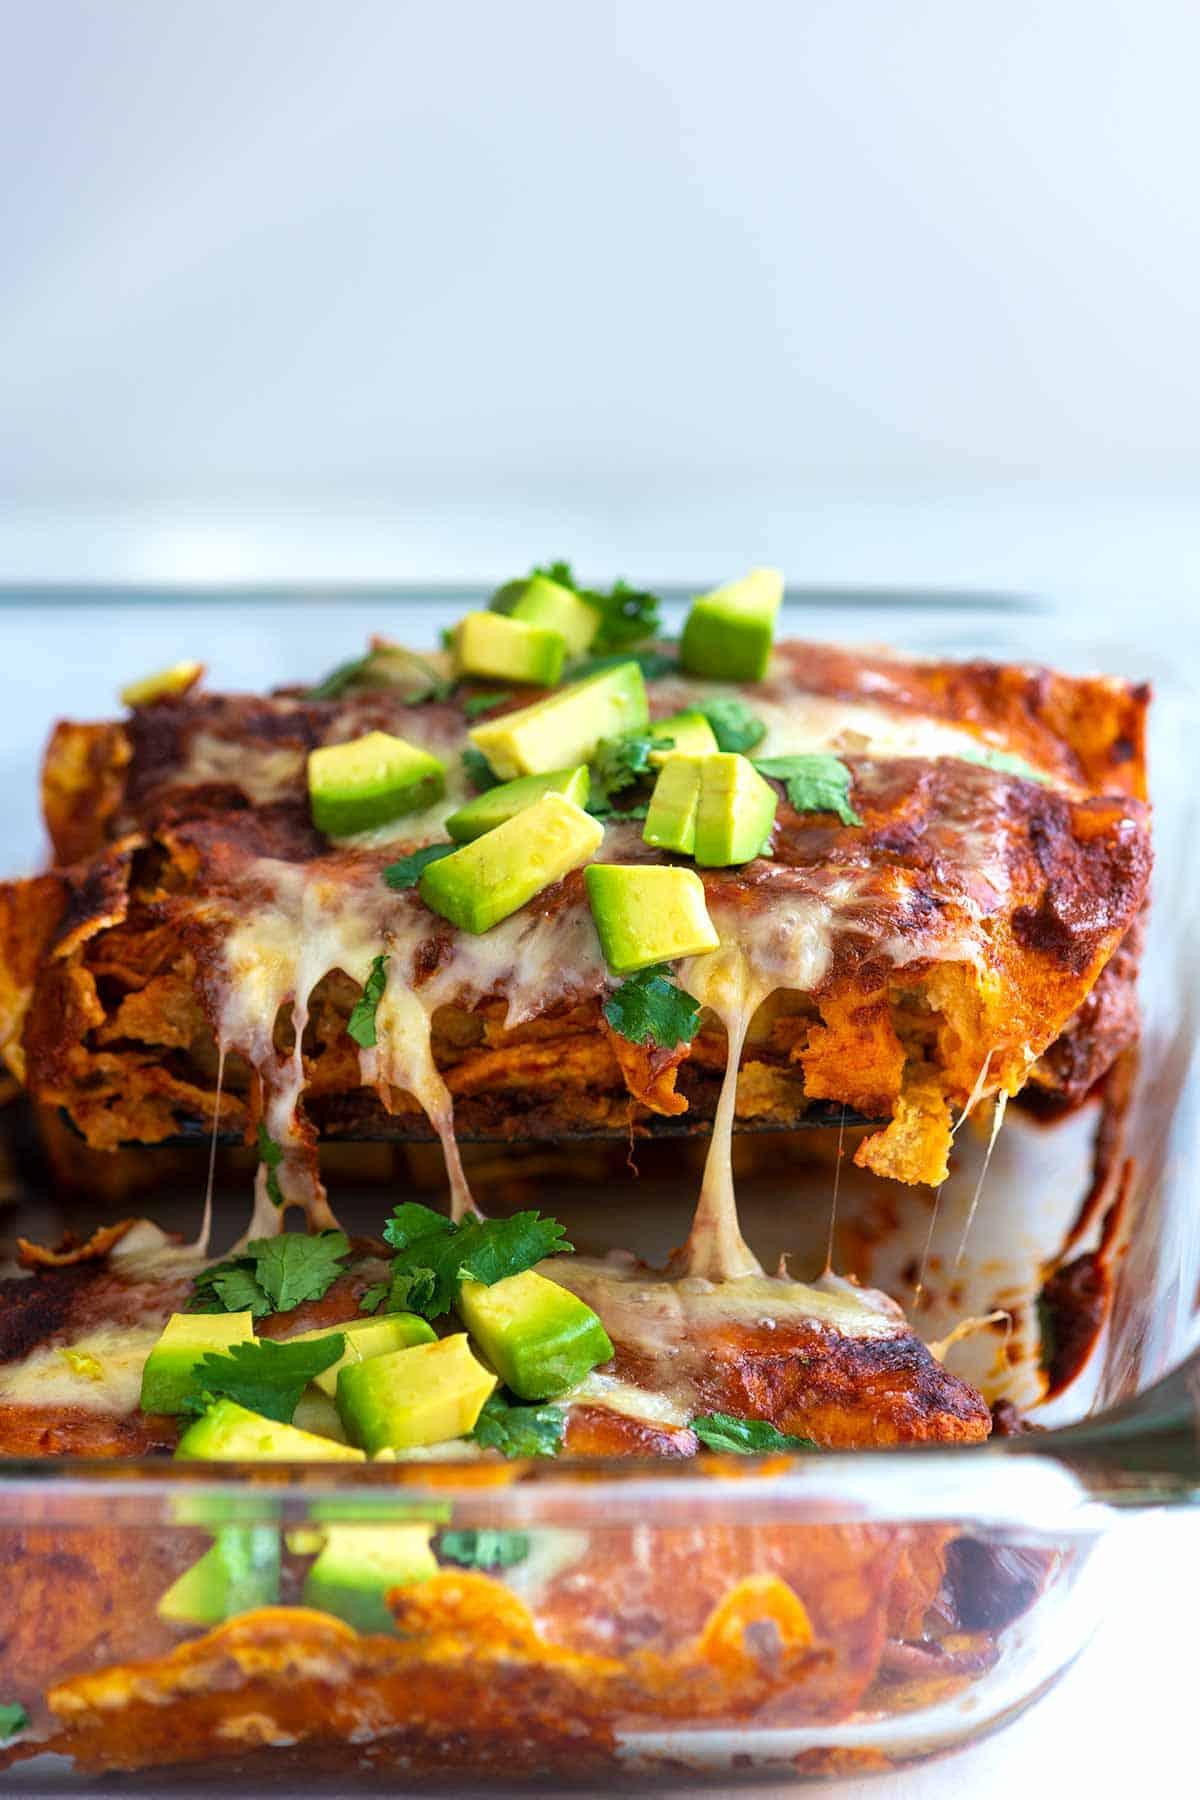 Serving chicken enchiladas with red sauce